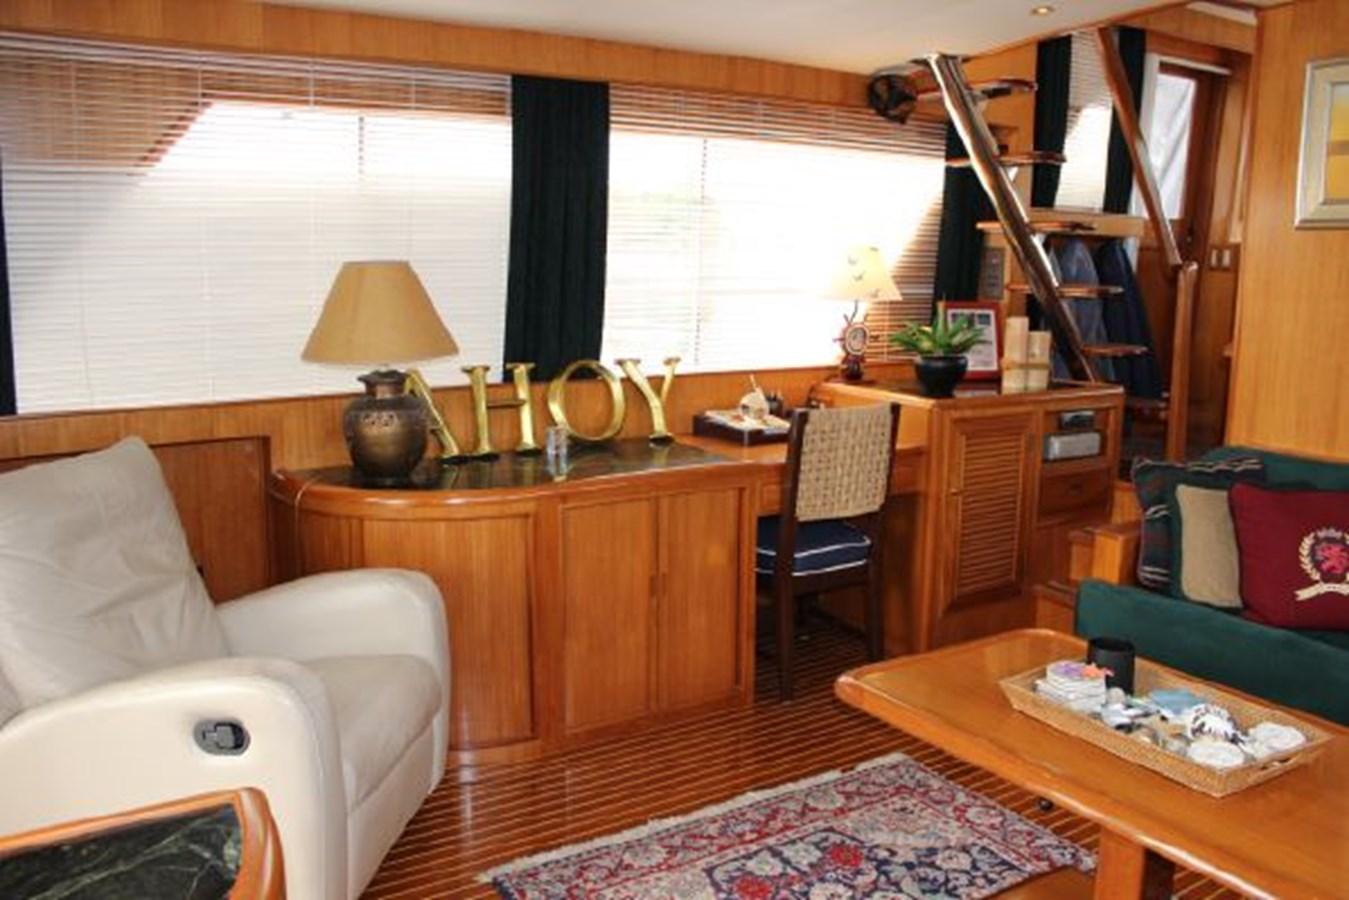 4859061_20141124101658245_1_XLARGE 2000 OCEAN ALEXANDER  Motor Yacht 2837940